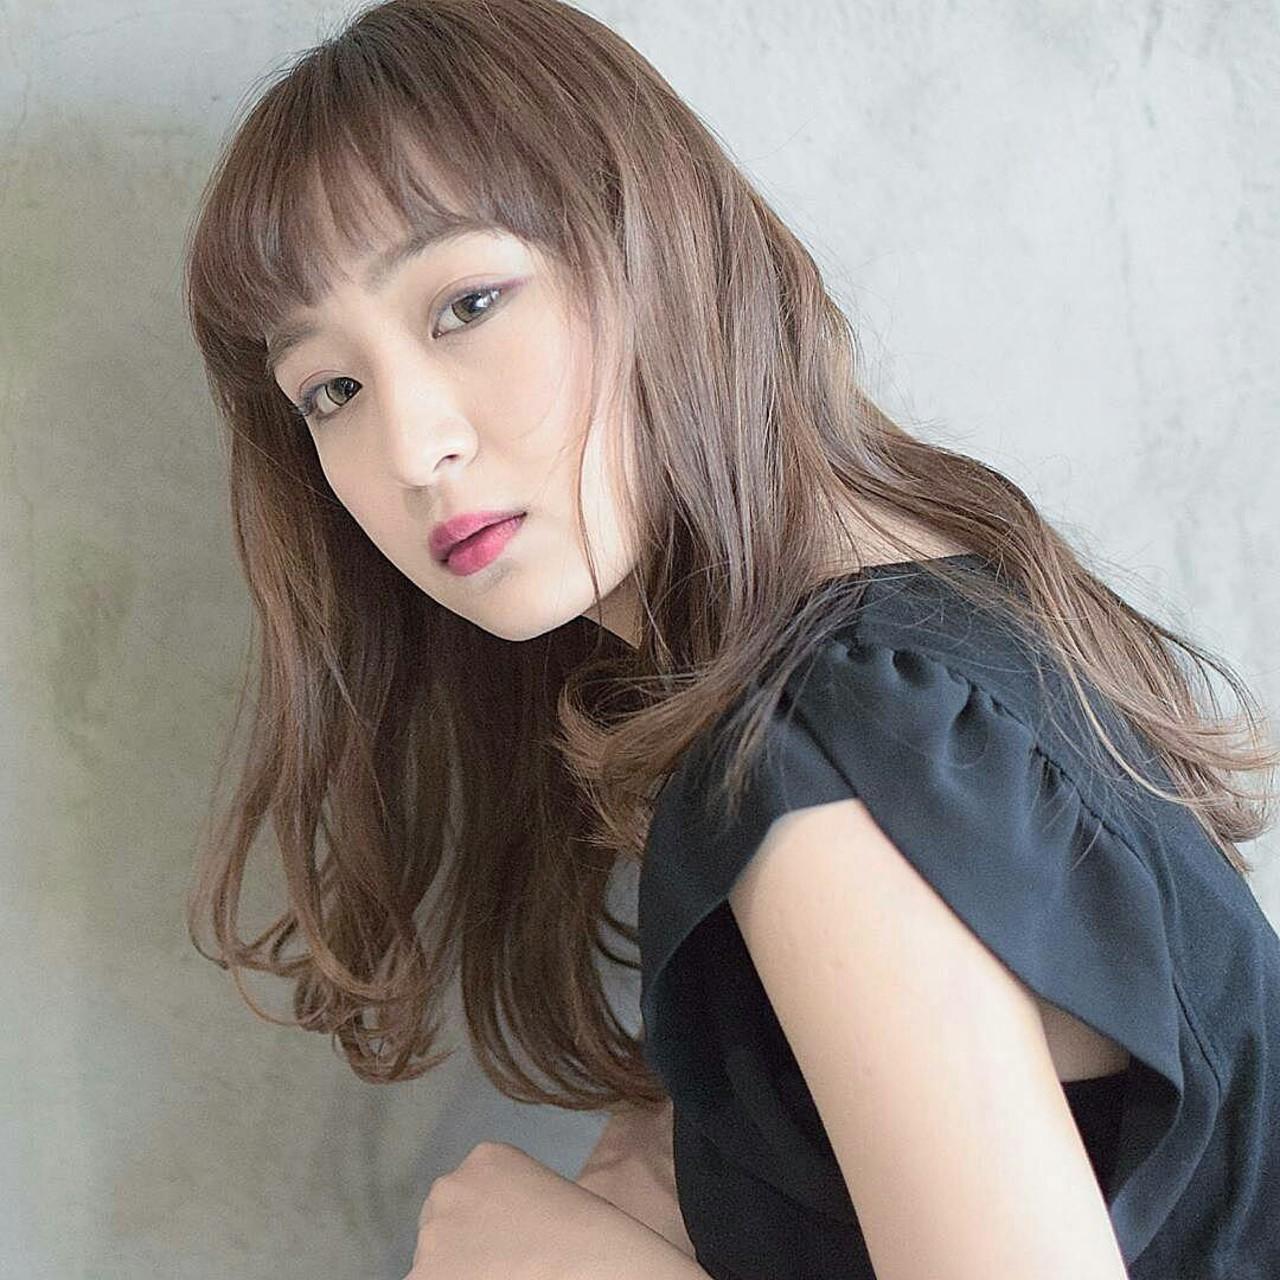 パーマ ロング フェミニン アッシュ ヘアスタイルや髪型の写真・画像 | 鈴木晶子 / arc ginza